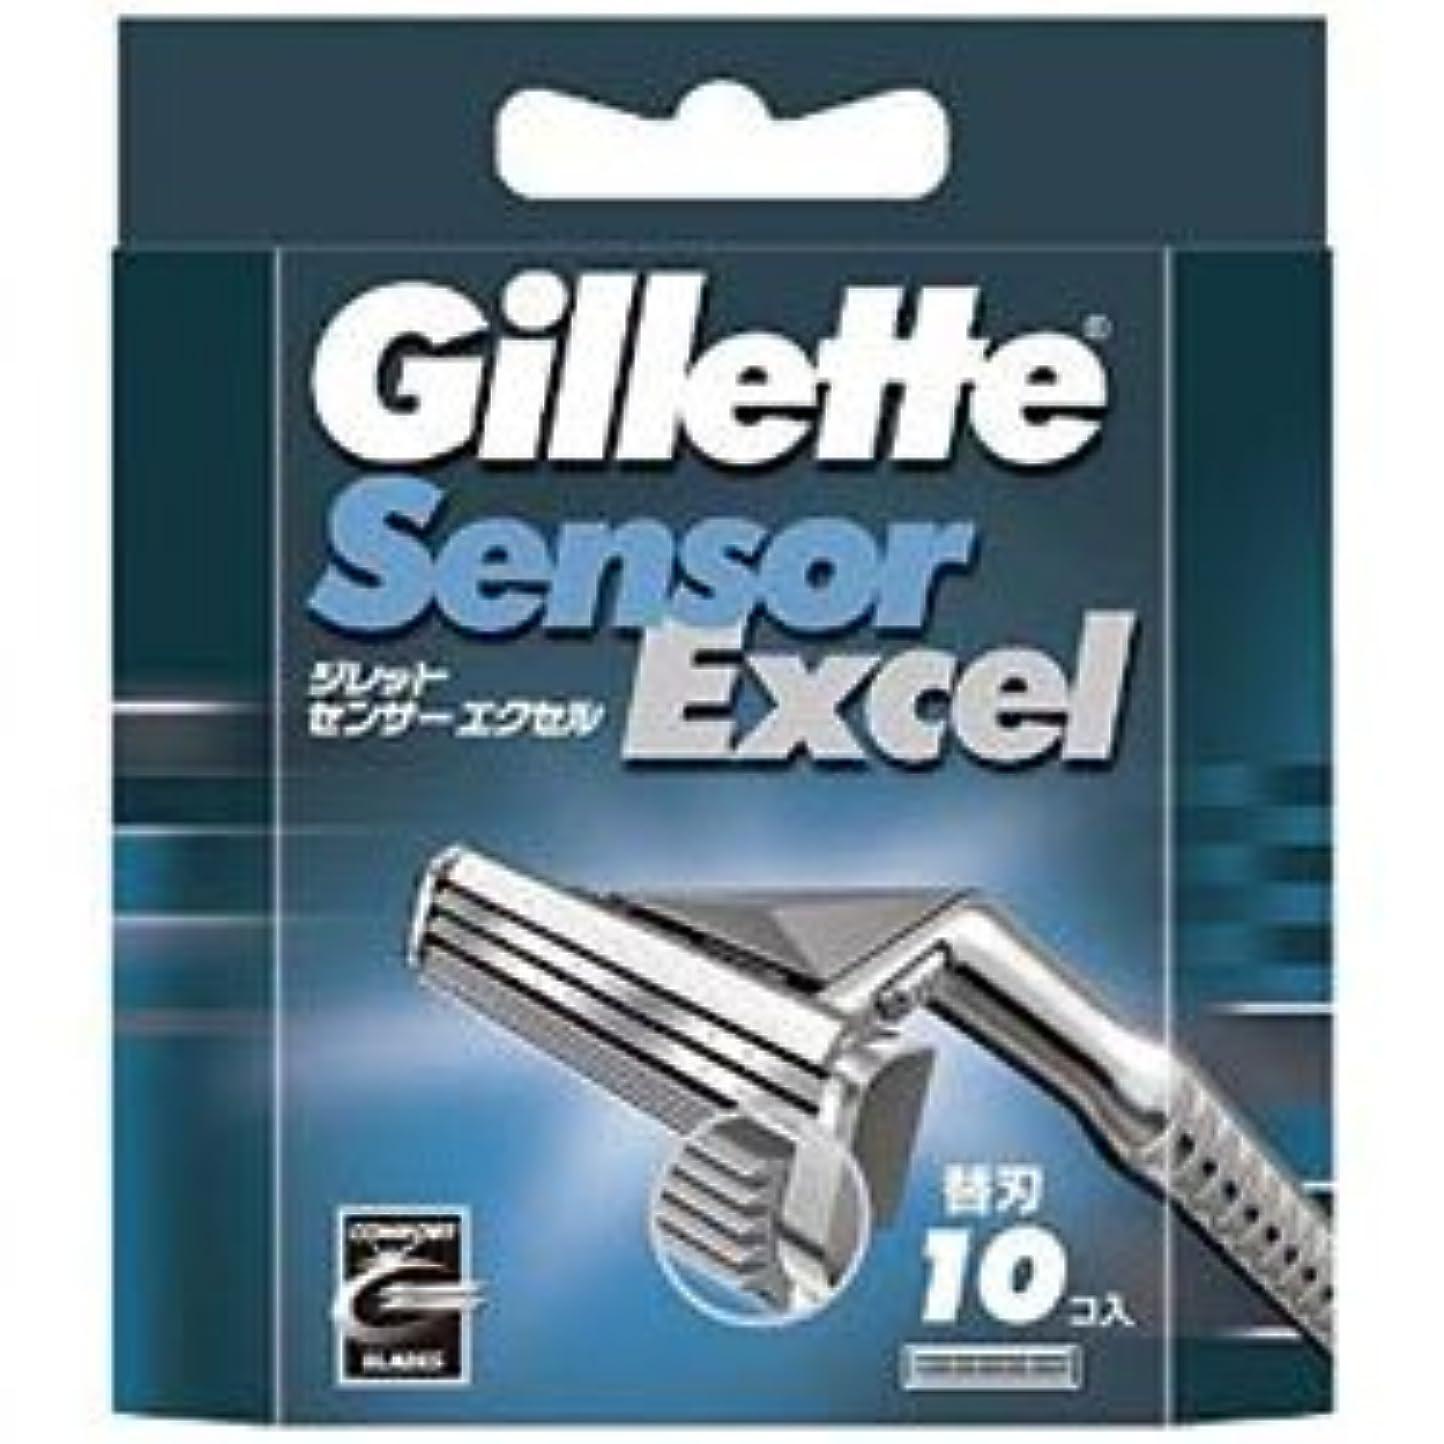 下る近所の誘発する【P&G】ジレット センサーエクセル 専用替刃 10個入 ×3個セット